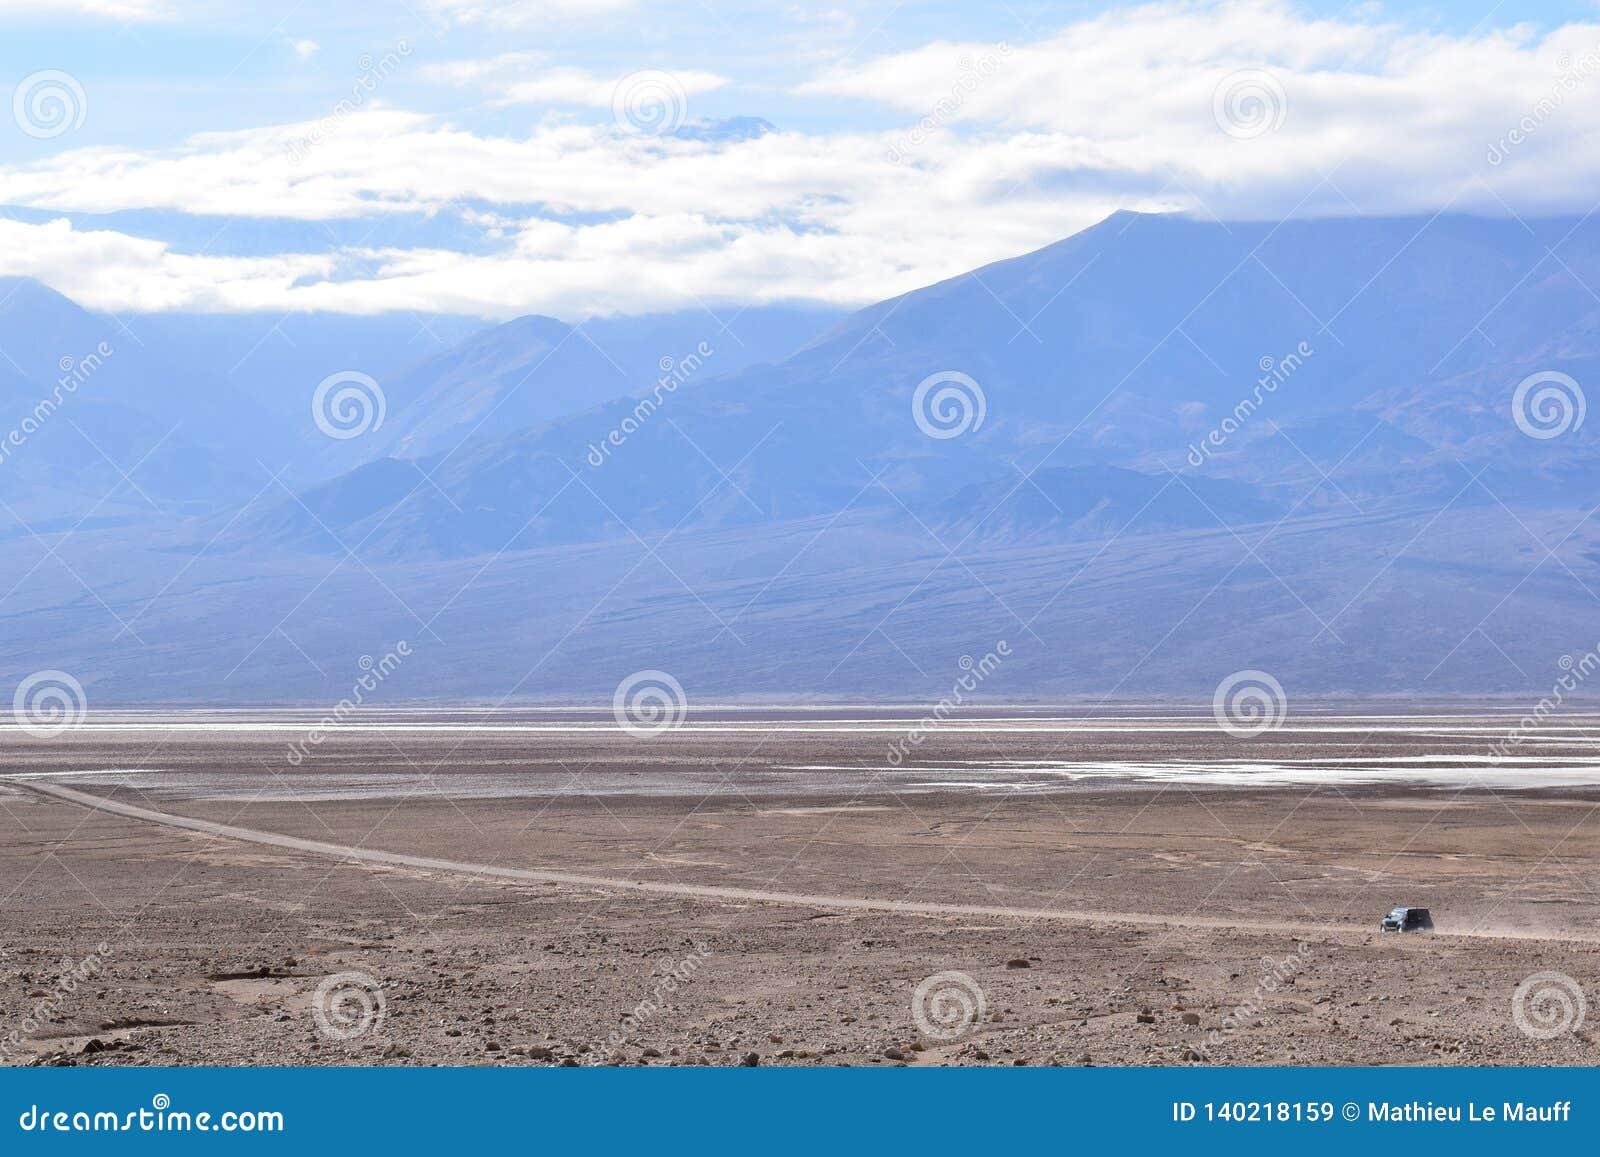 Управлять корабля самостоятельно в Death Valley